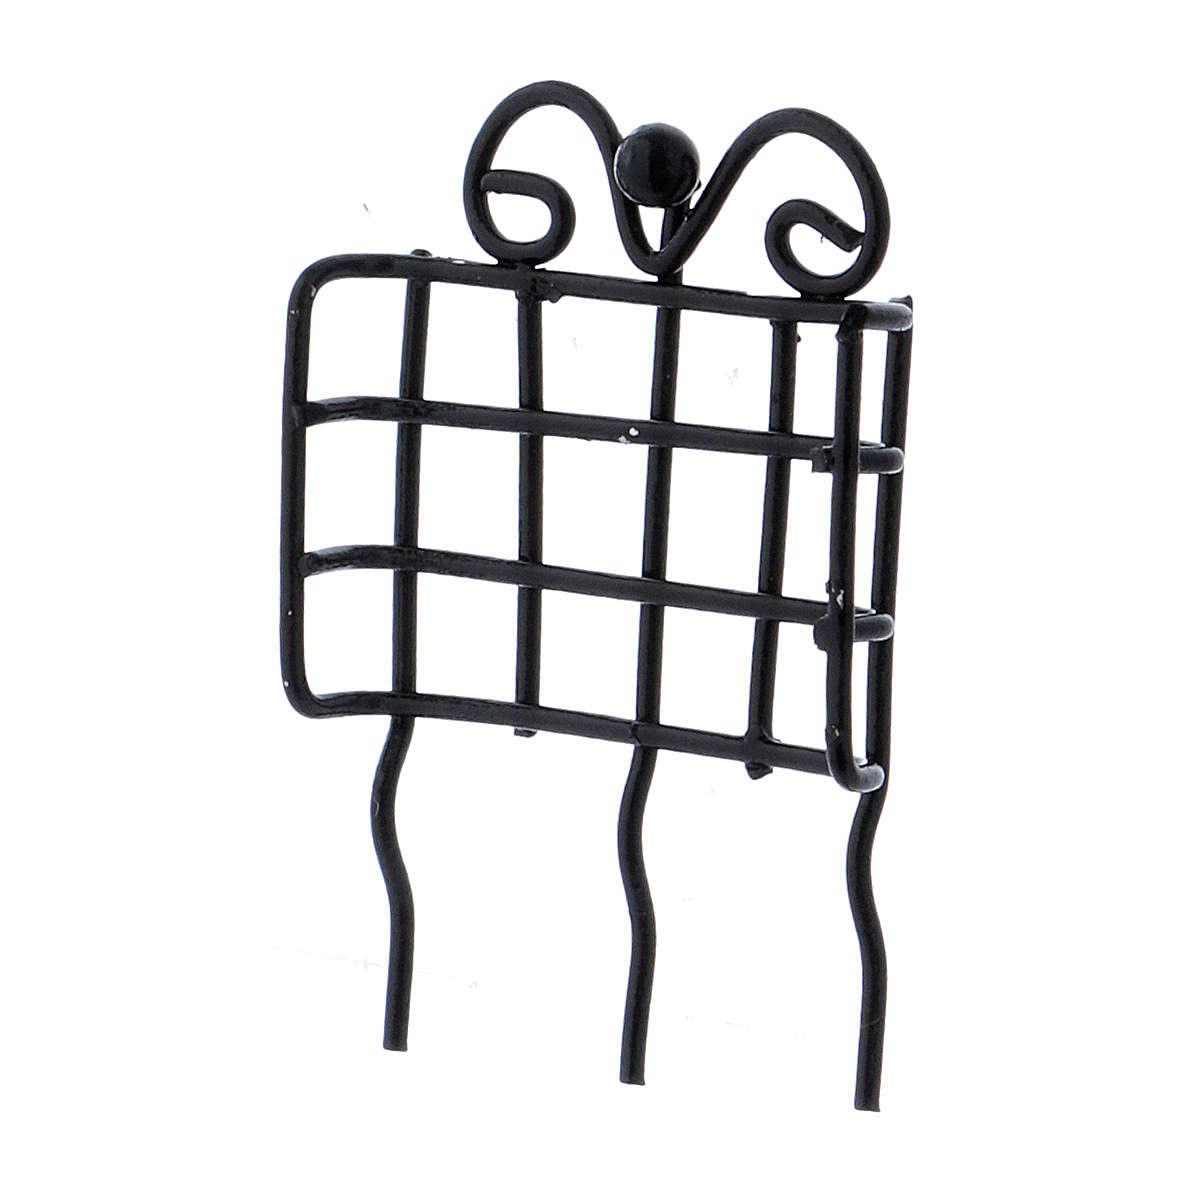 Grata per finestra 3,7x2,6x0,5 cm 4